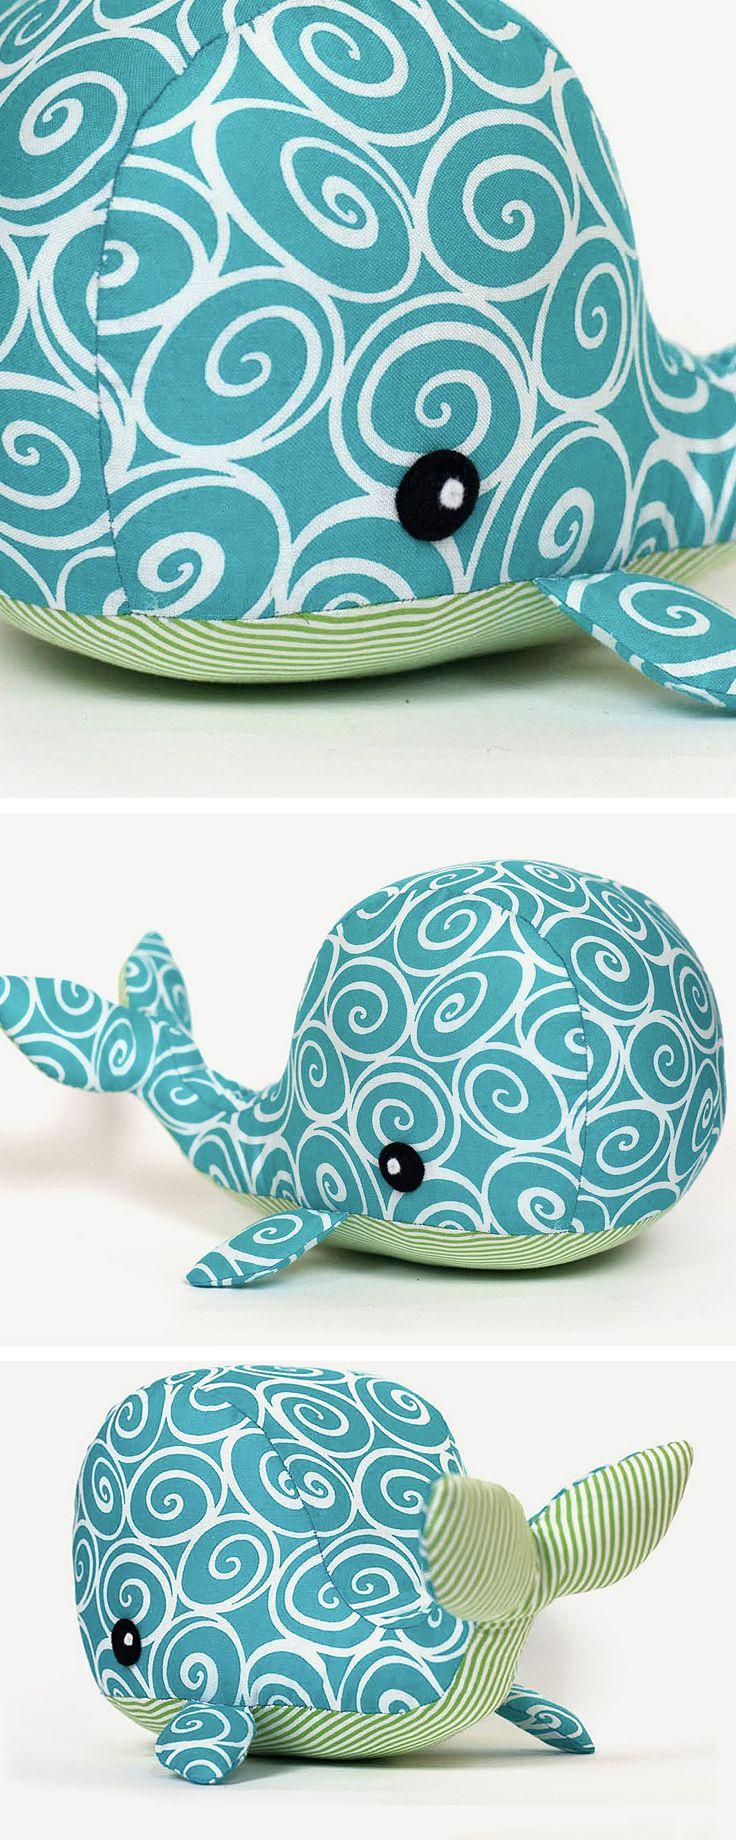 DIY tutorial: Sew a Whale Soft Toy  via en.DaWanda.com                                                                                                                                                                                 More